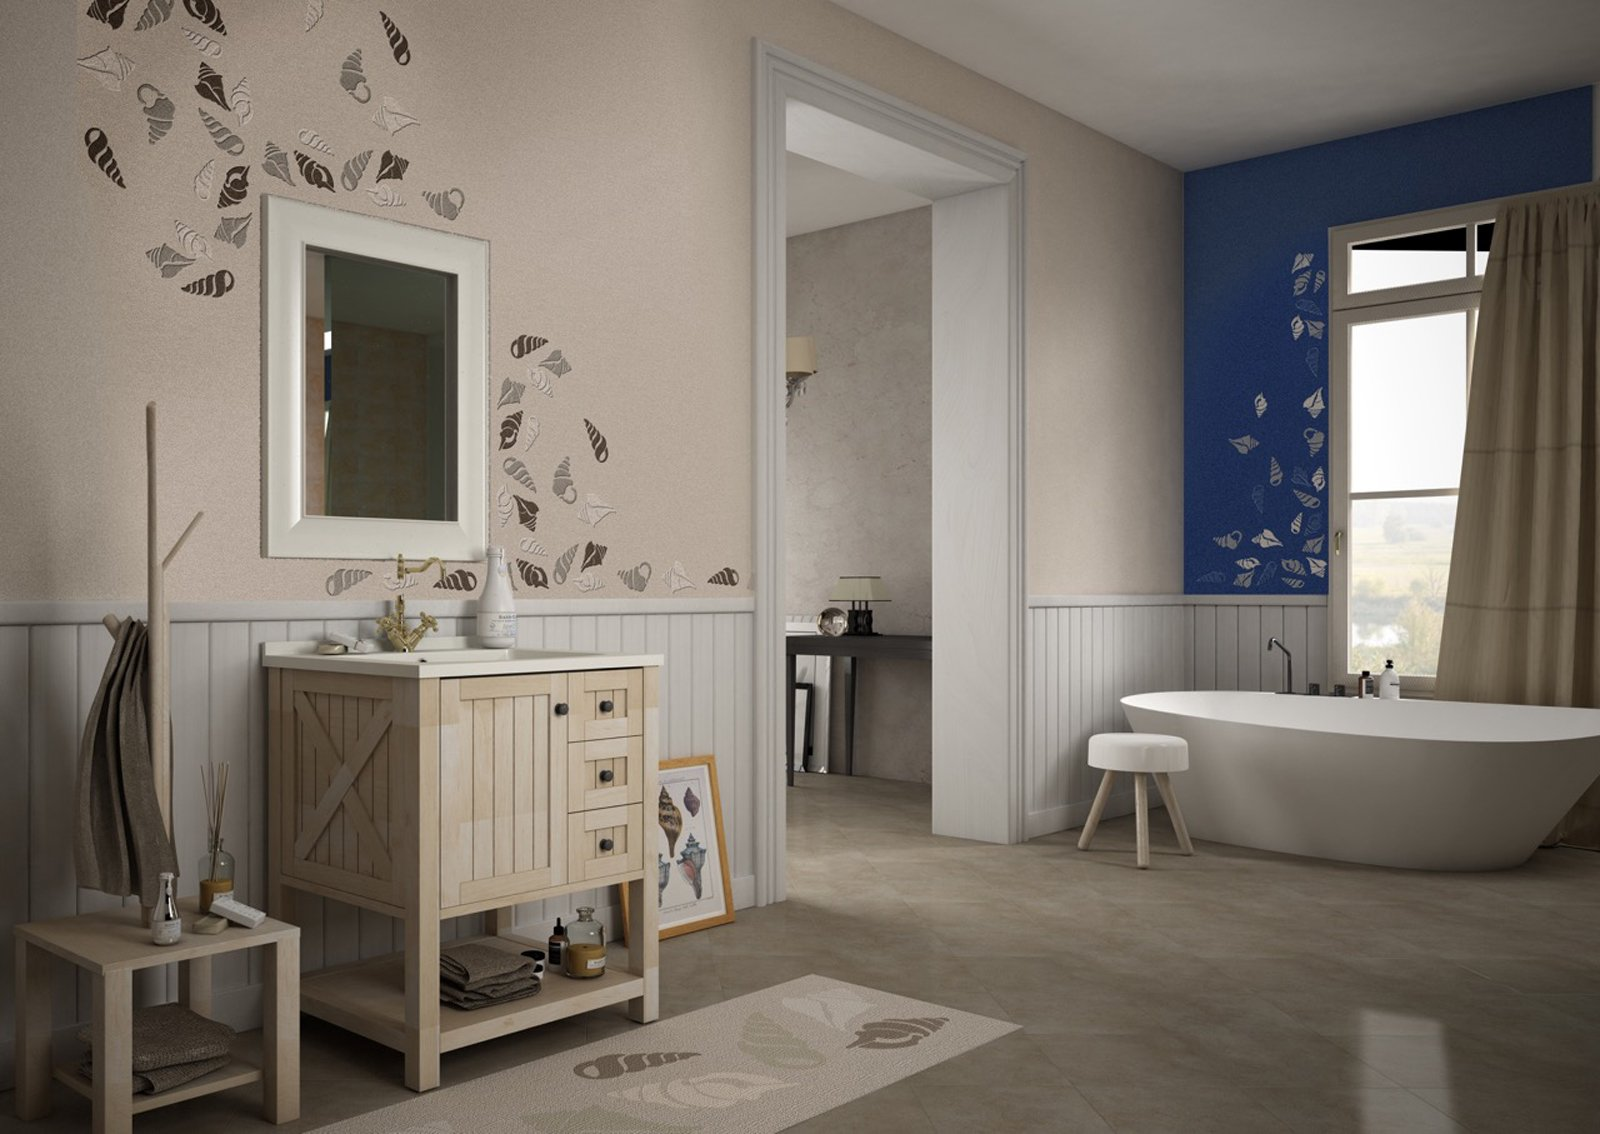 Rinnovare il bagno senza togliere le piastrelle risparmiando anche